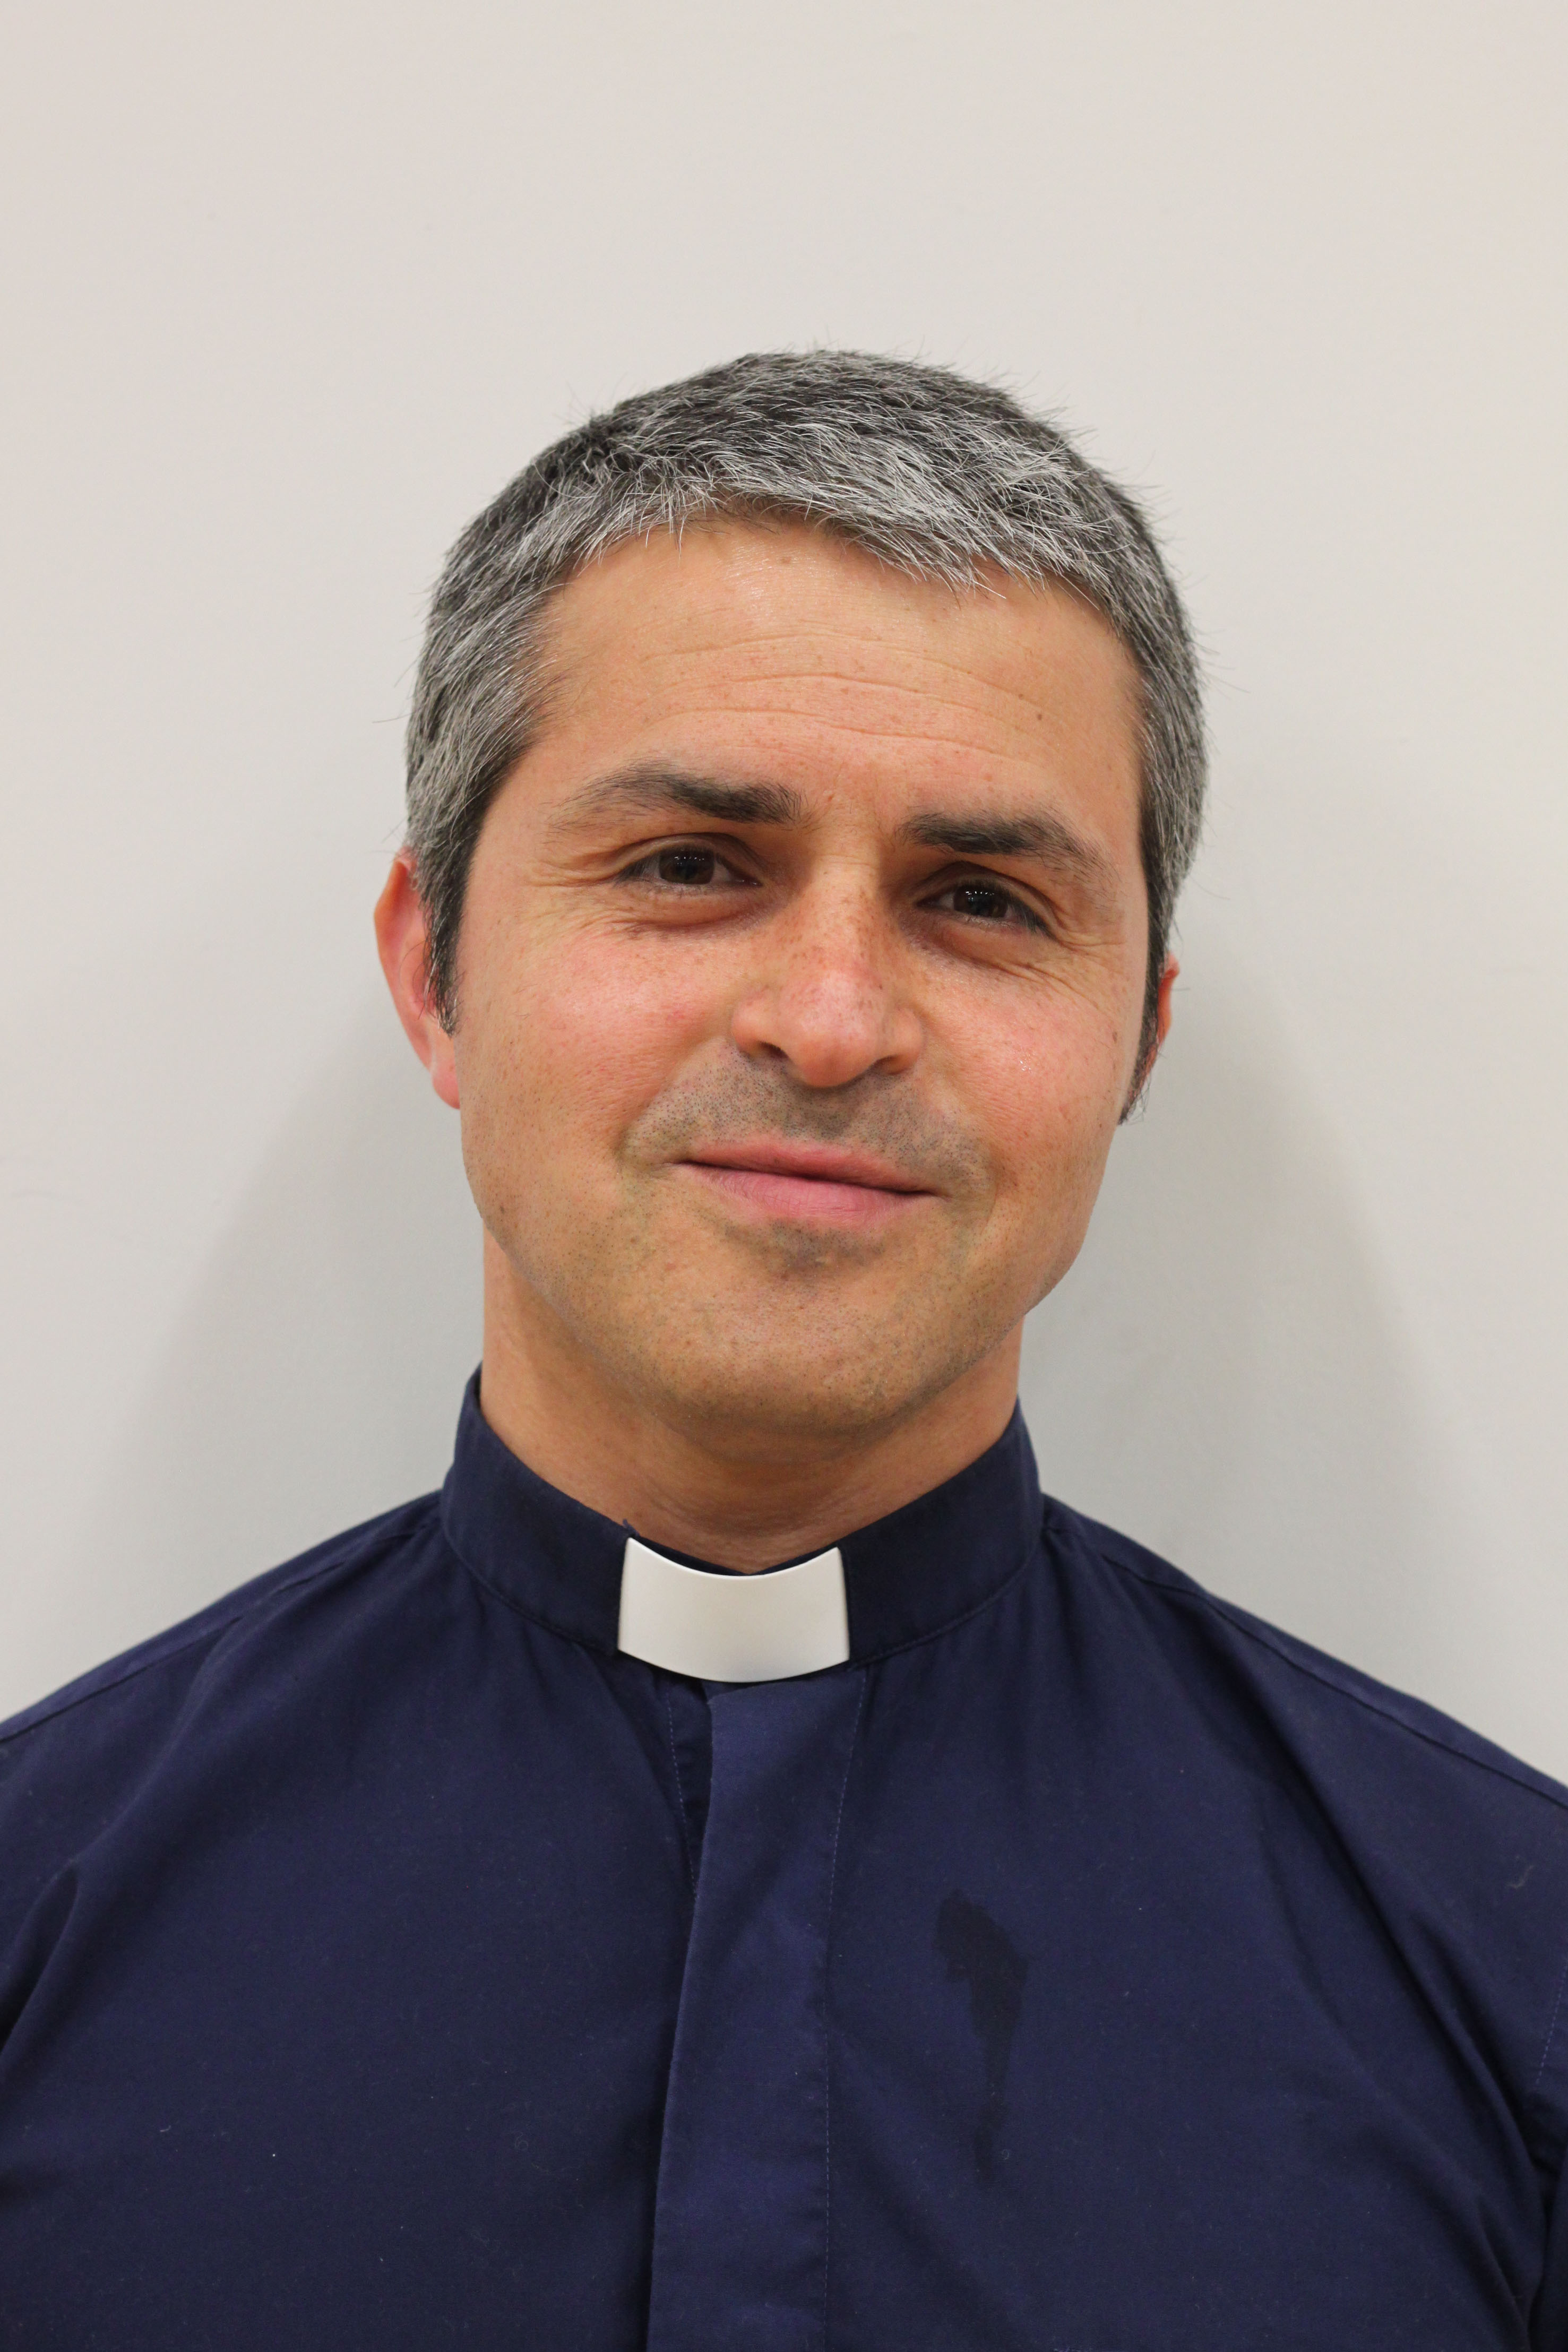 Rev. Gerardo Gimpel